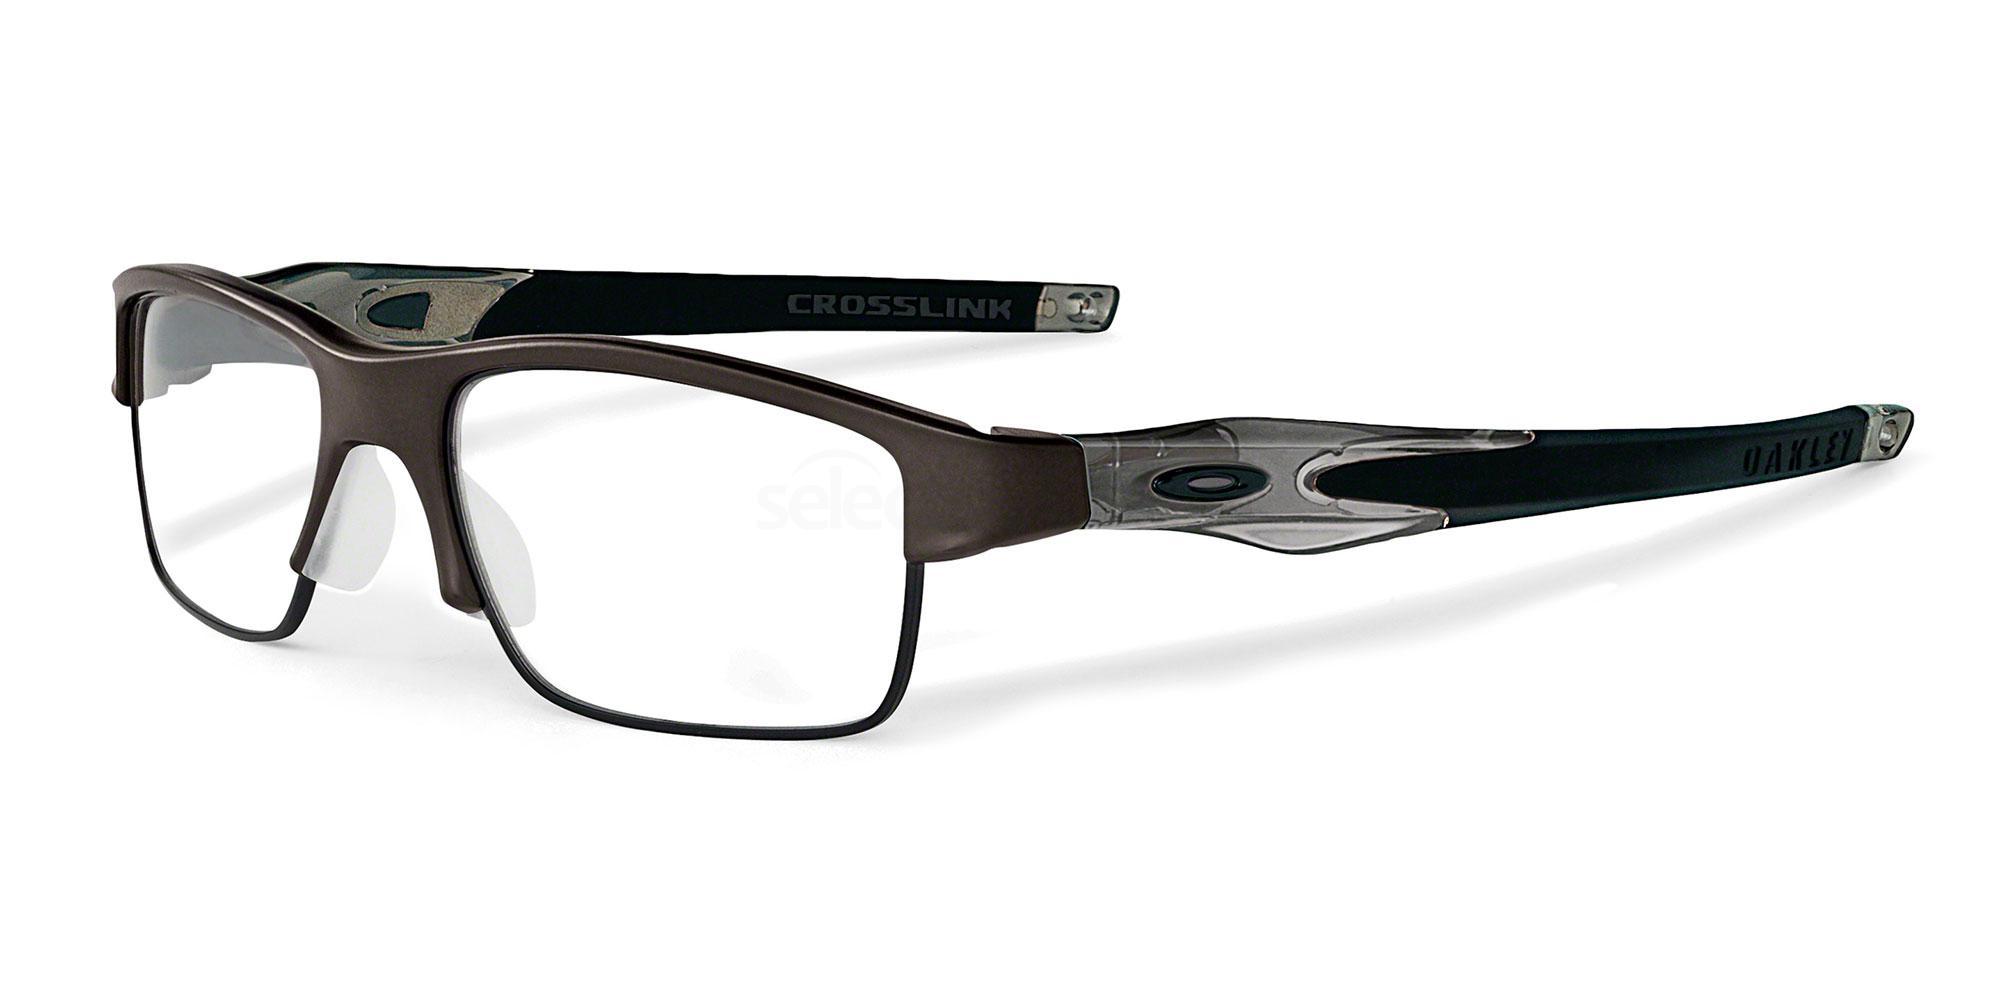 312802 OX3128 CROSSLINK SWITCH Glasses, Oakley